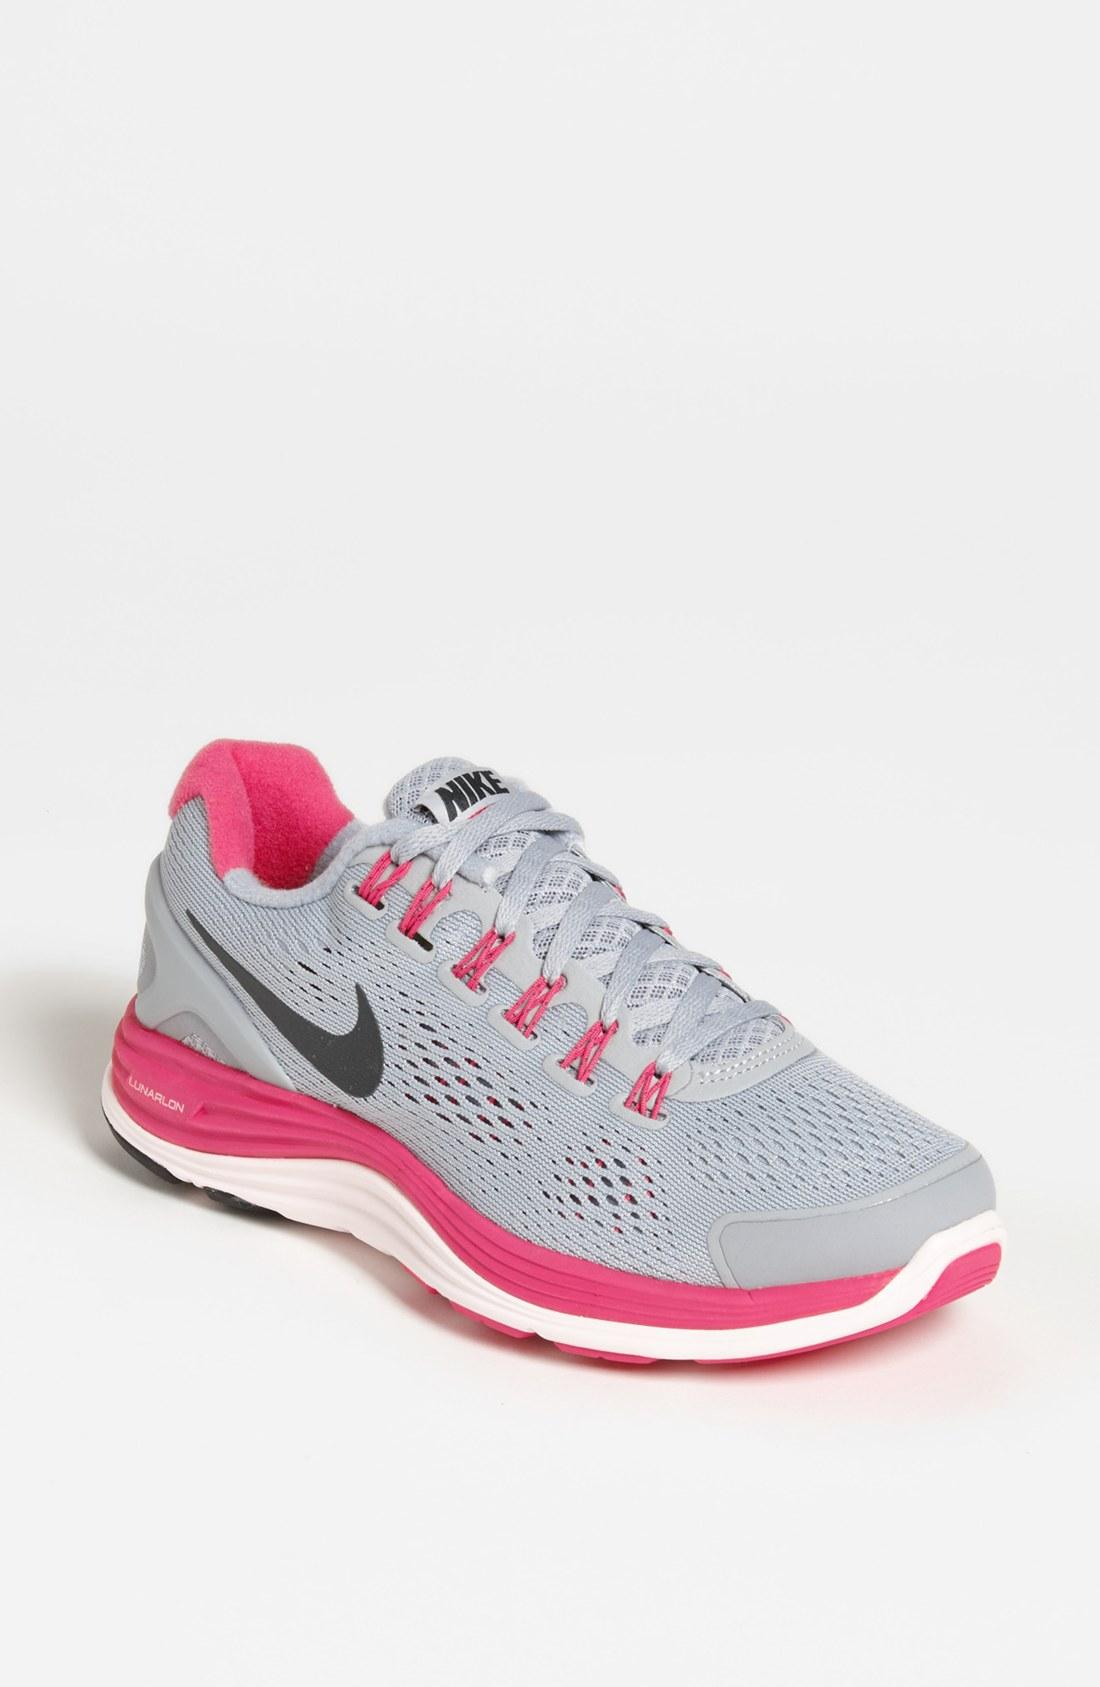 new arrivals 4f71f 4956d Nike Lunarglide 4 Women Gray Peachblow